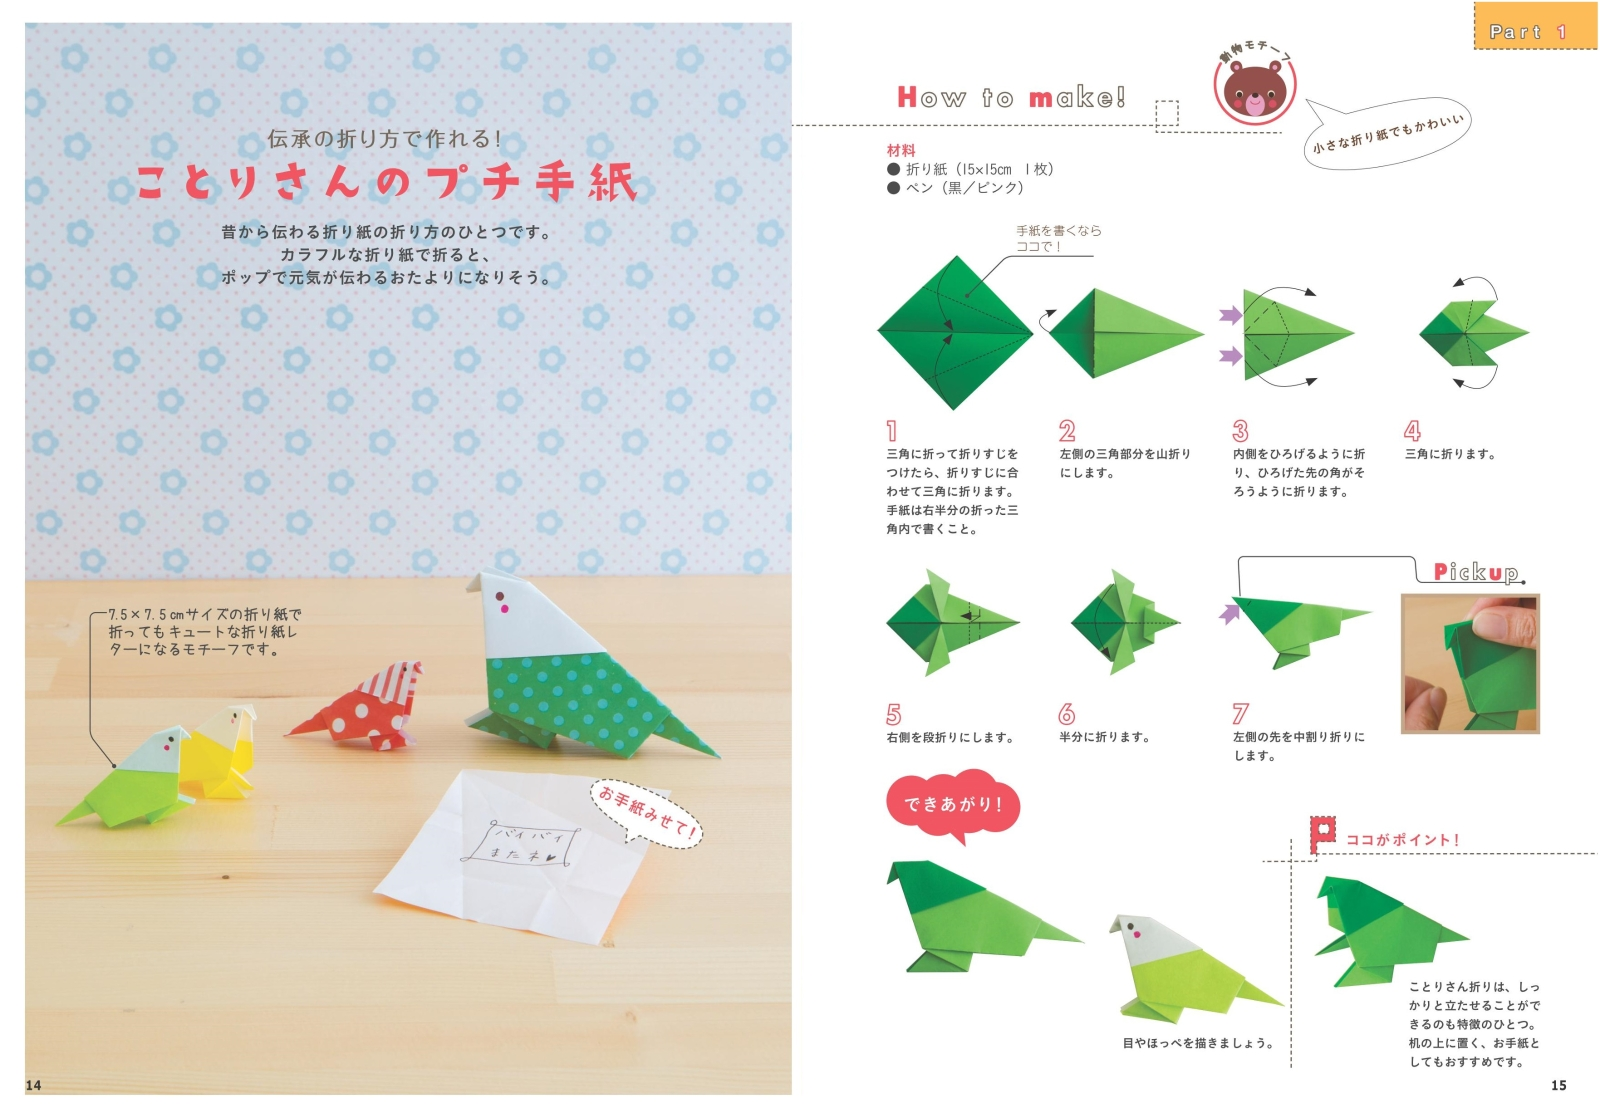 nanahoshiのおりがみ手紙 アイデアBOOK ちょこっと折って、気持ちを伝える